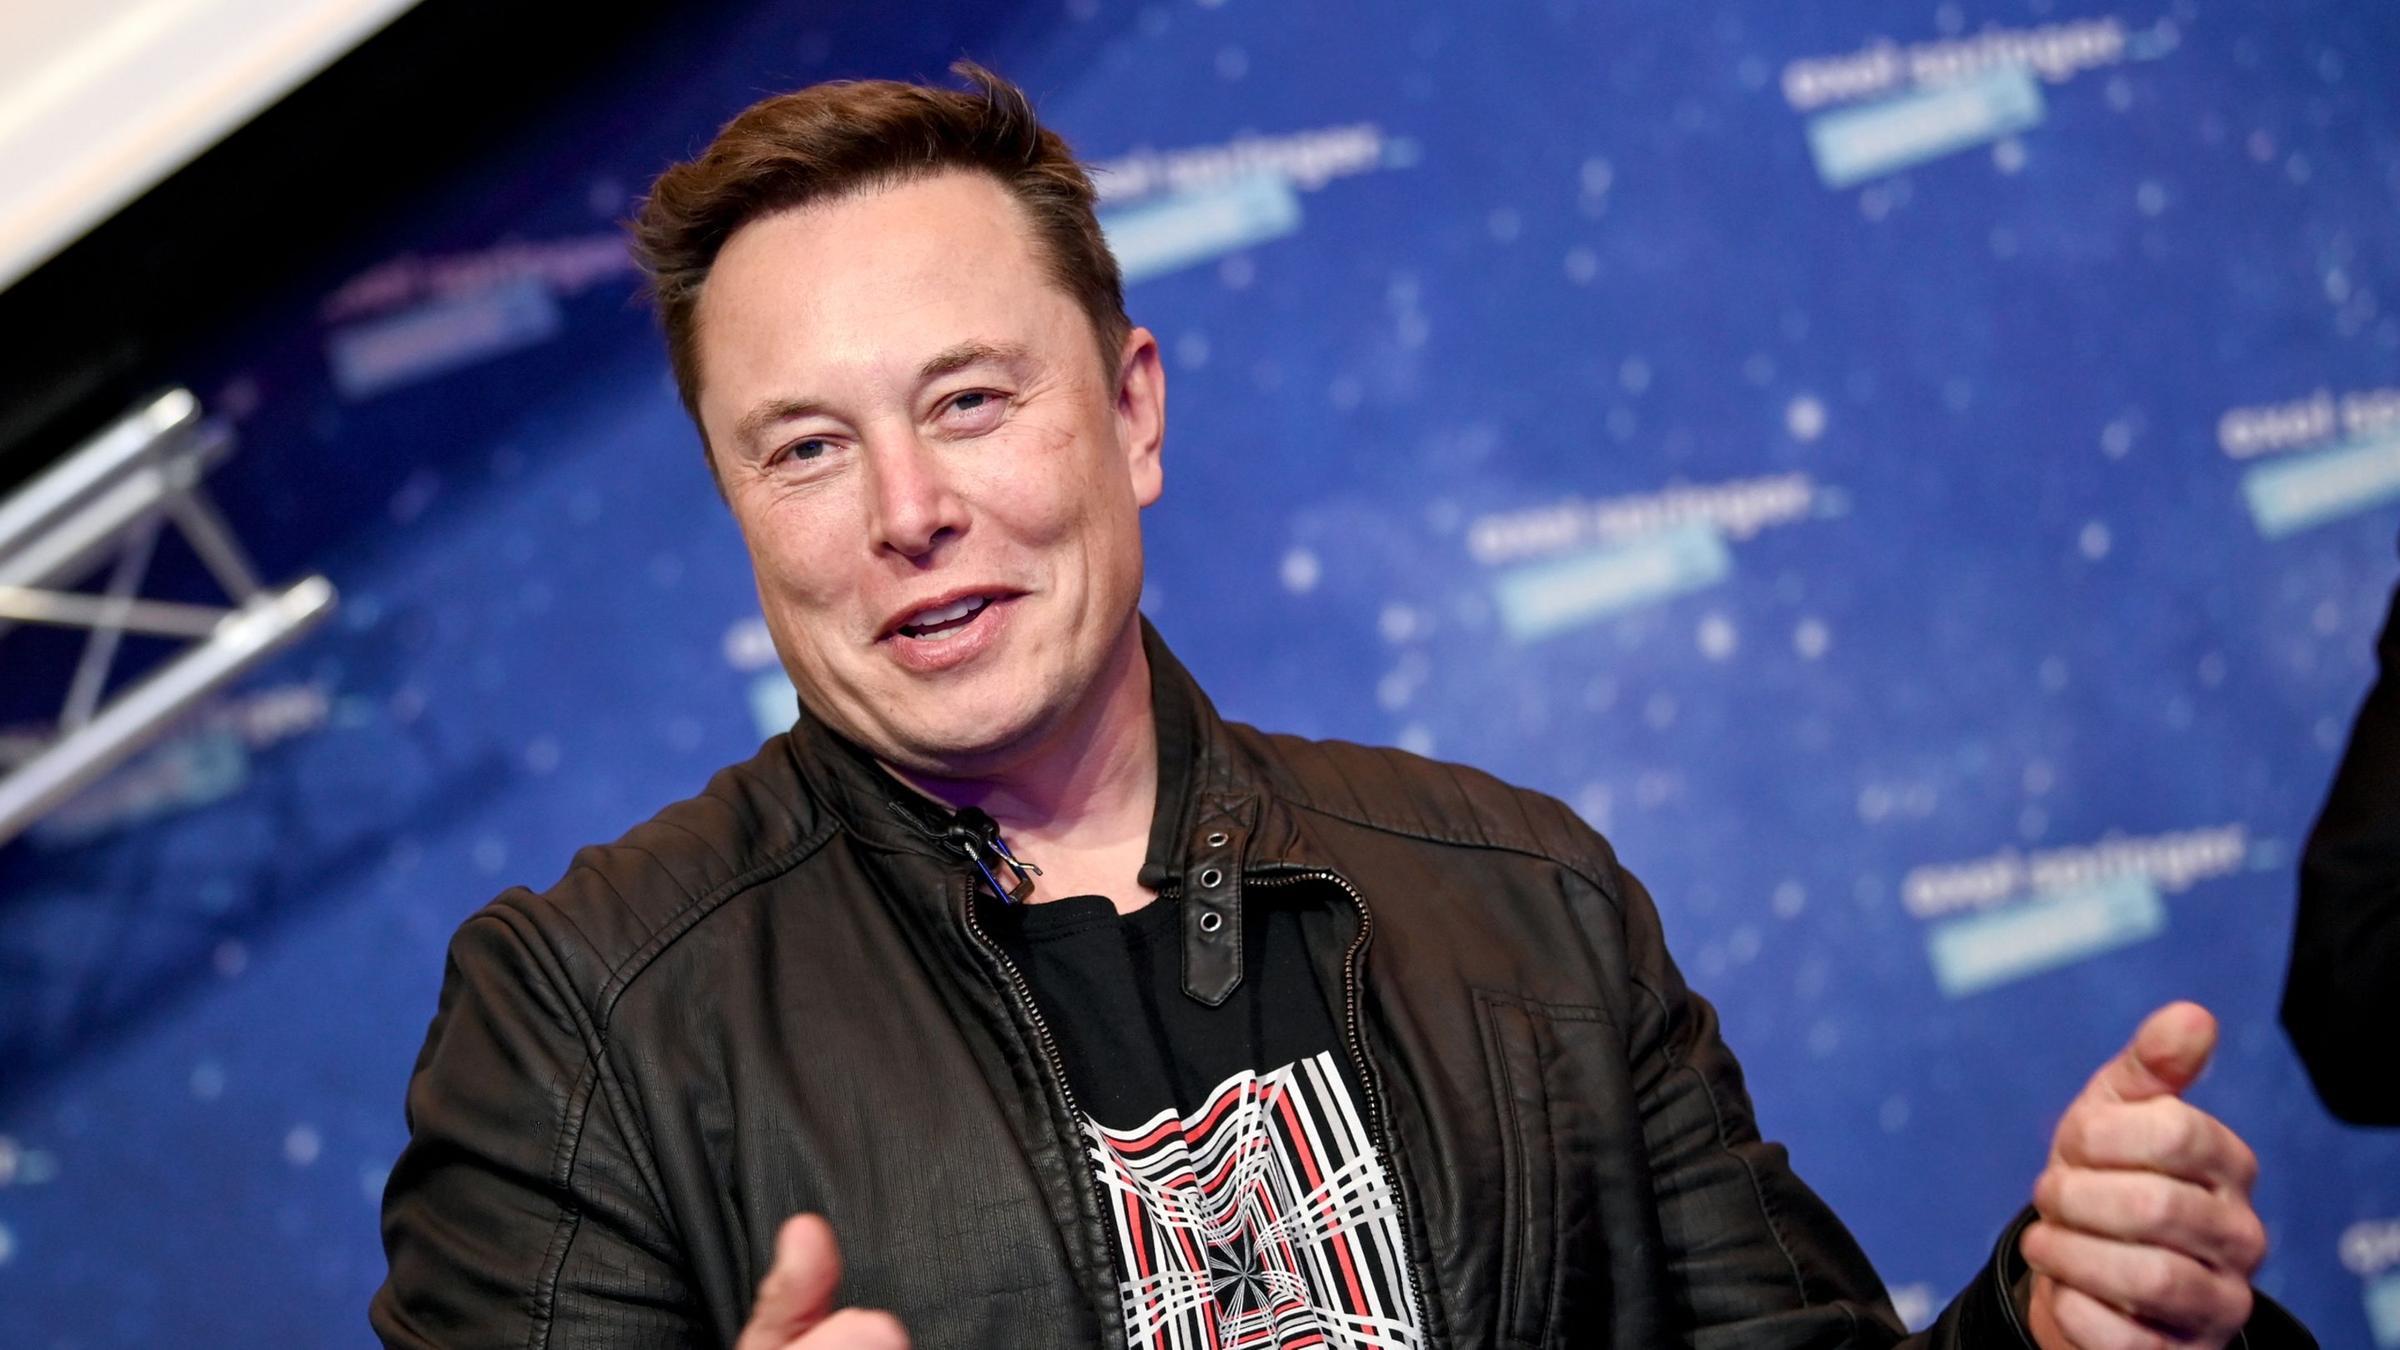 Mit 188,5 Milliarden Dollar: Elon Musk ist reichster Mensch - ZDFheute